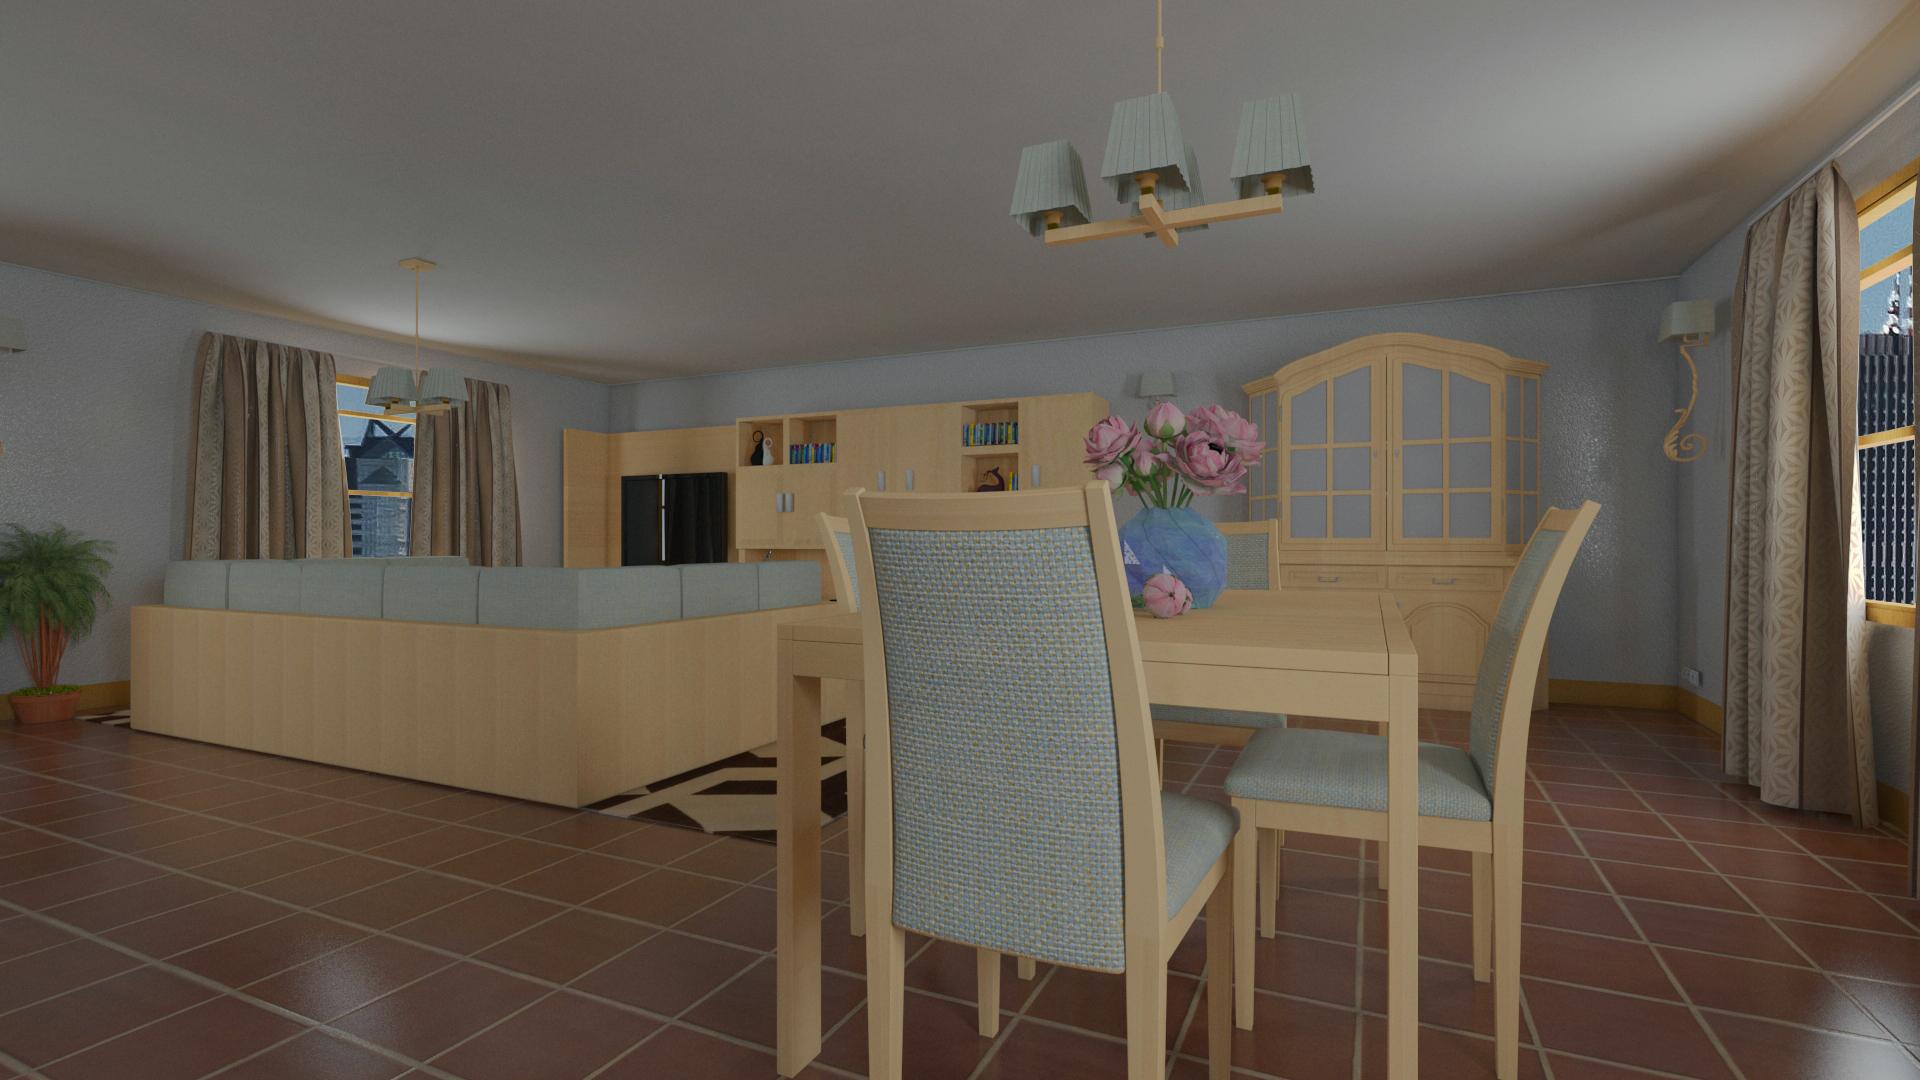 Habitaci n en 3d max ver nica ruiz for Modelar habitacion 3d max